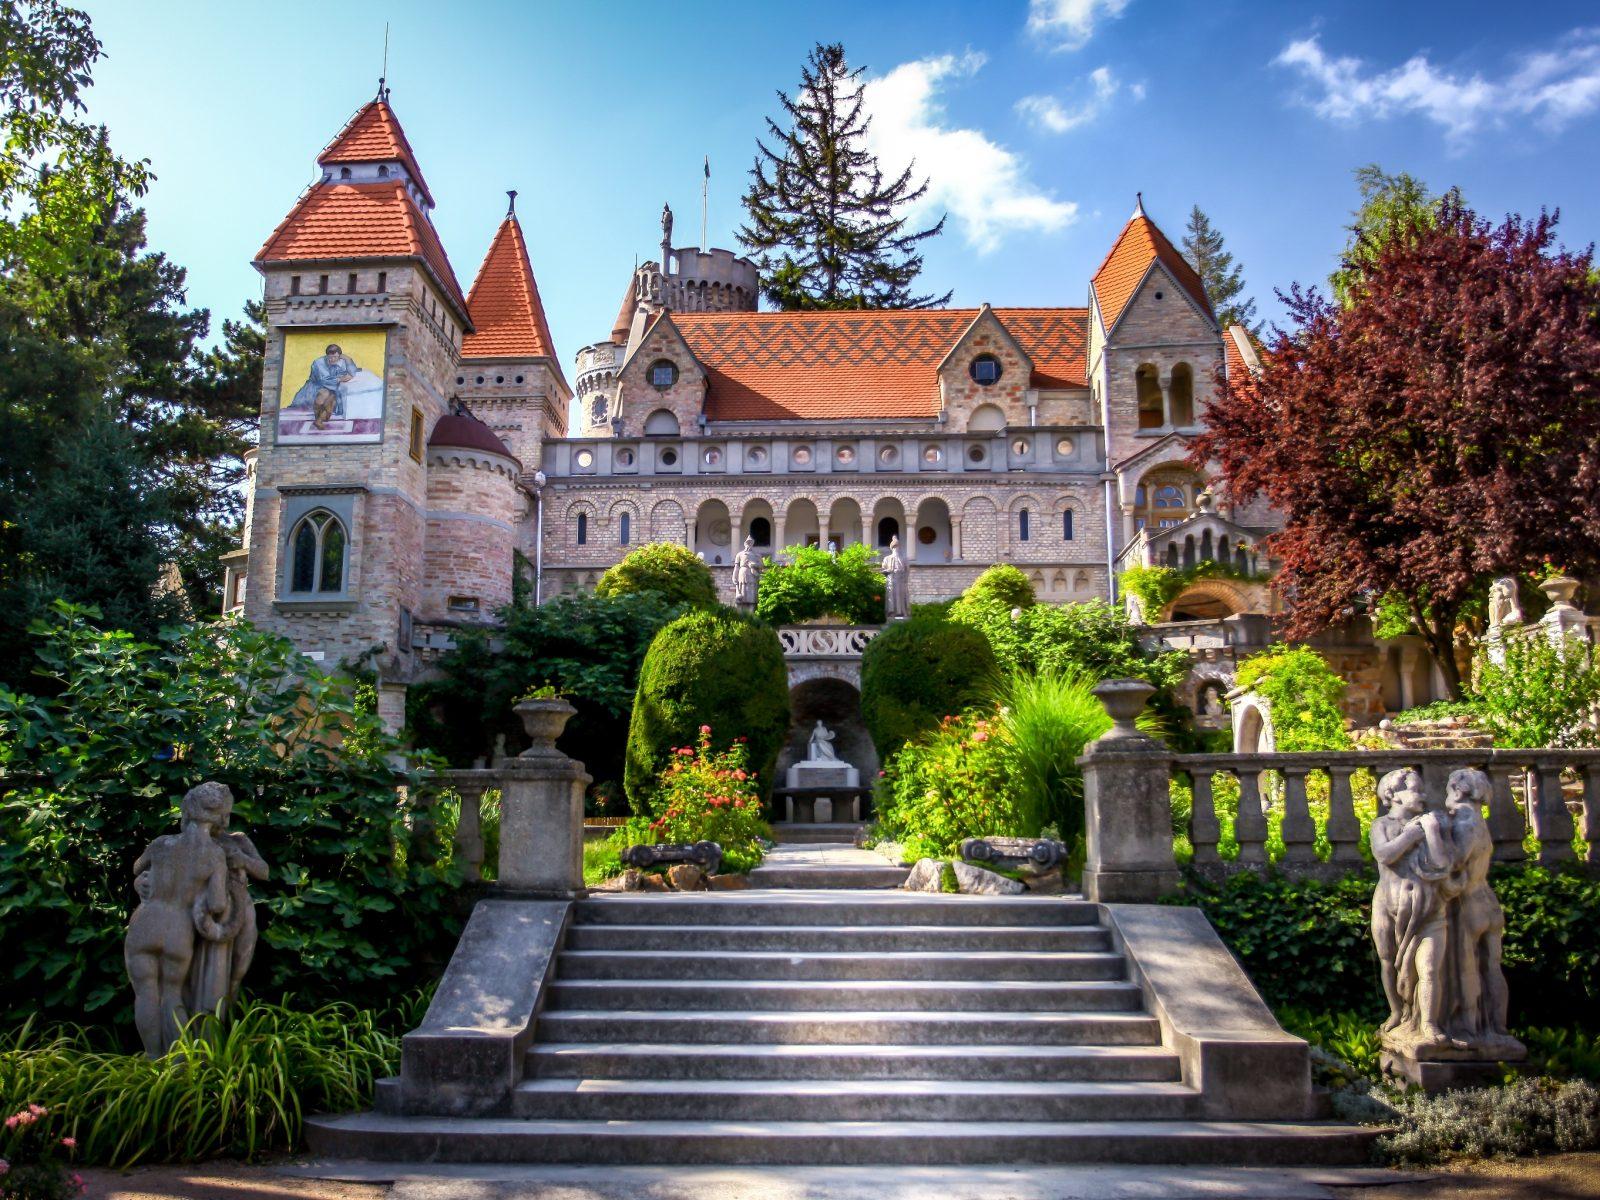 Vakációzzunk a múzeumokkal! - Bory-vár